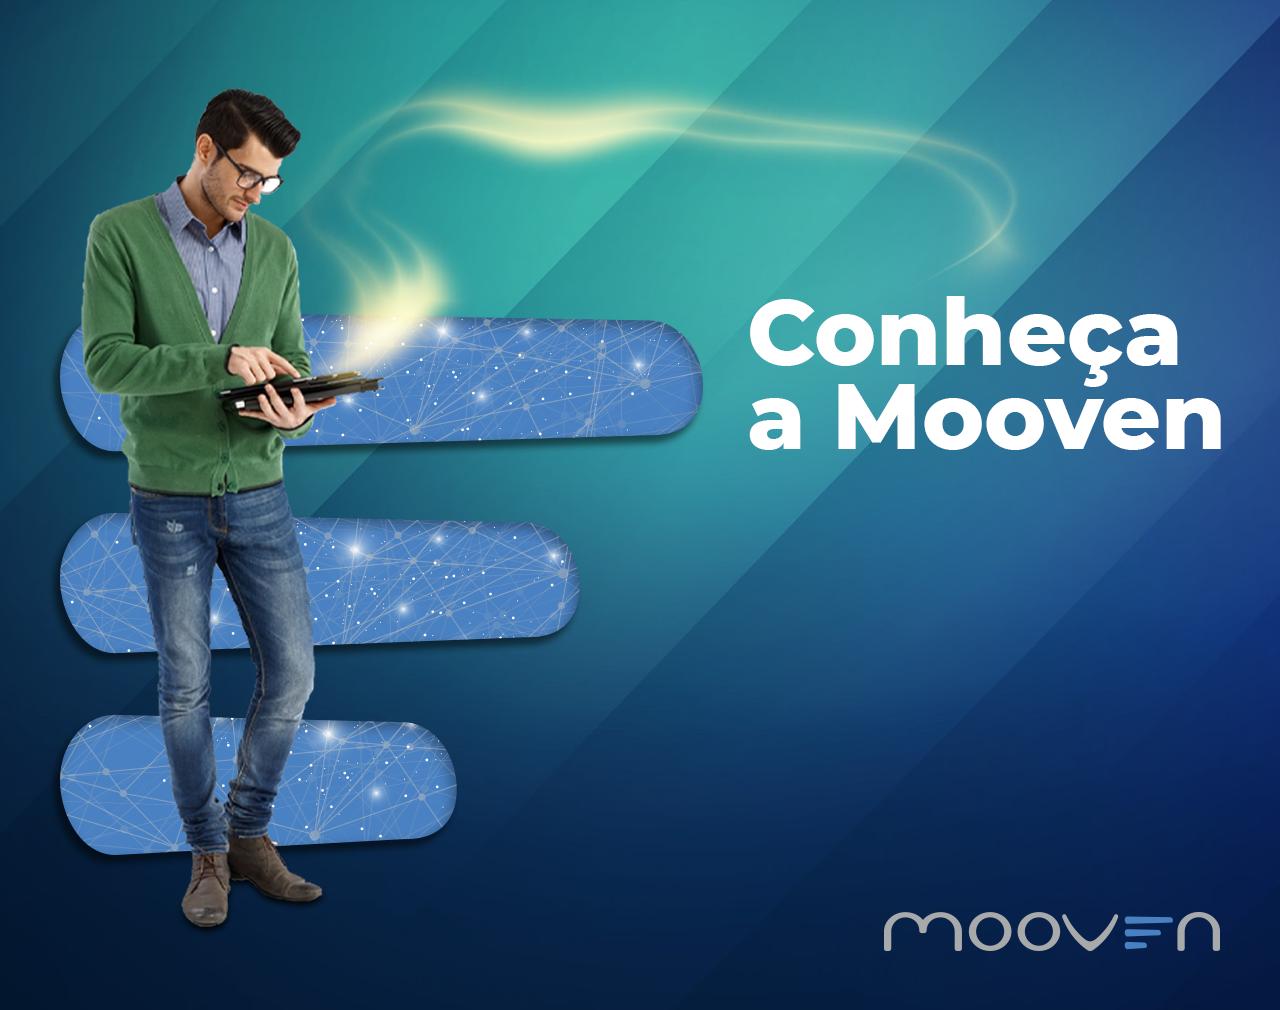 A Mooven é especializada em agilidade corporativa, transformação ágil e transformação digital